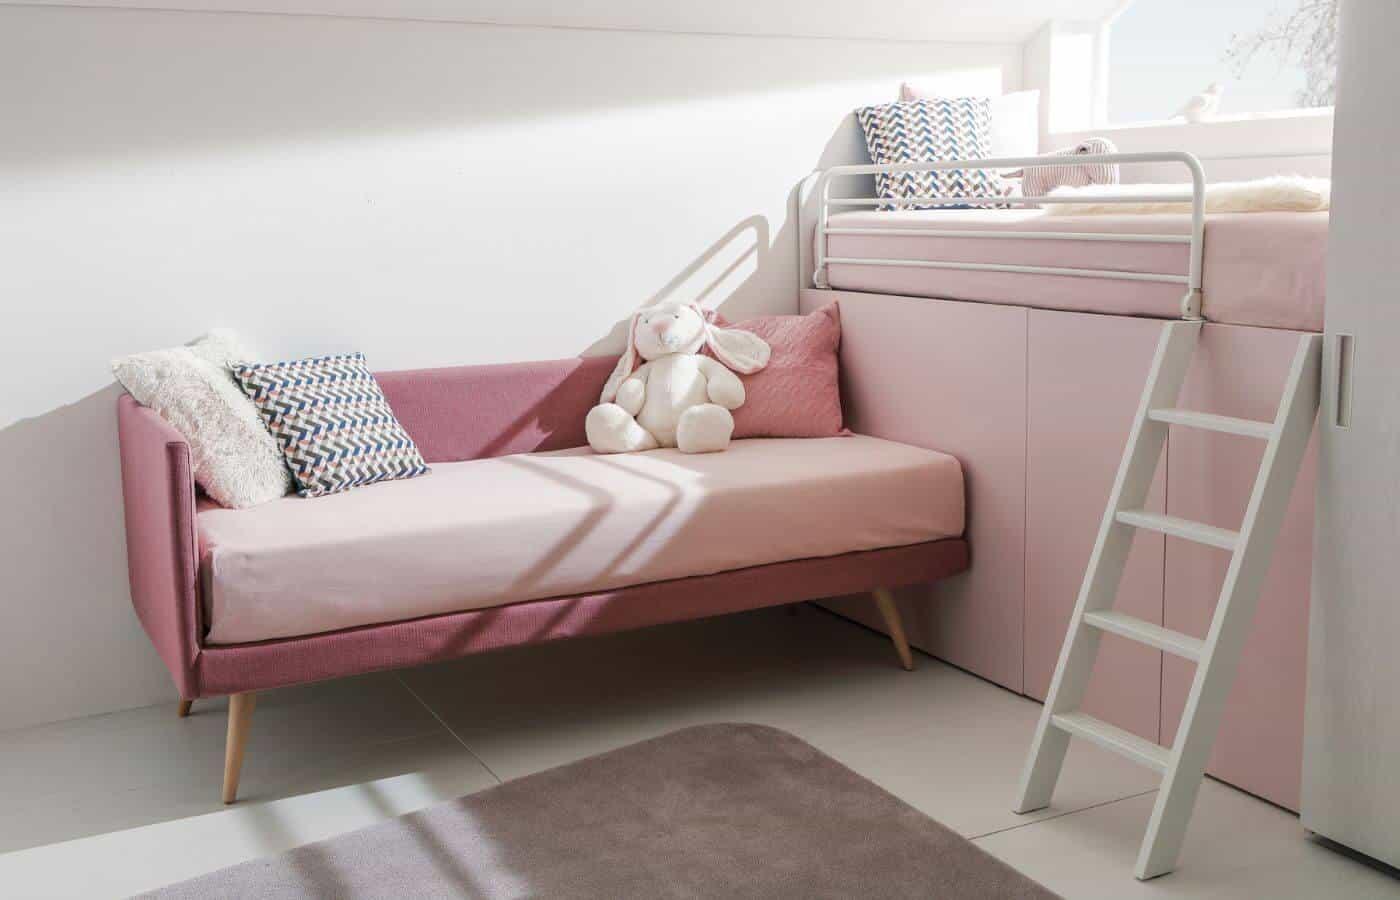 cameretta-divanetto-letto-collezione-dubai-il-mobile